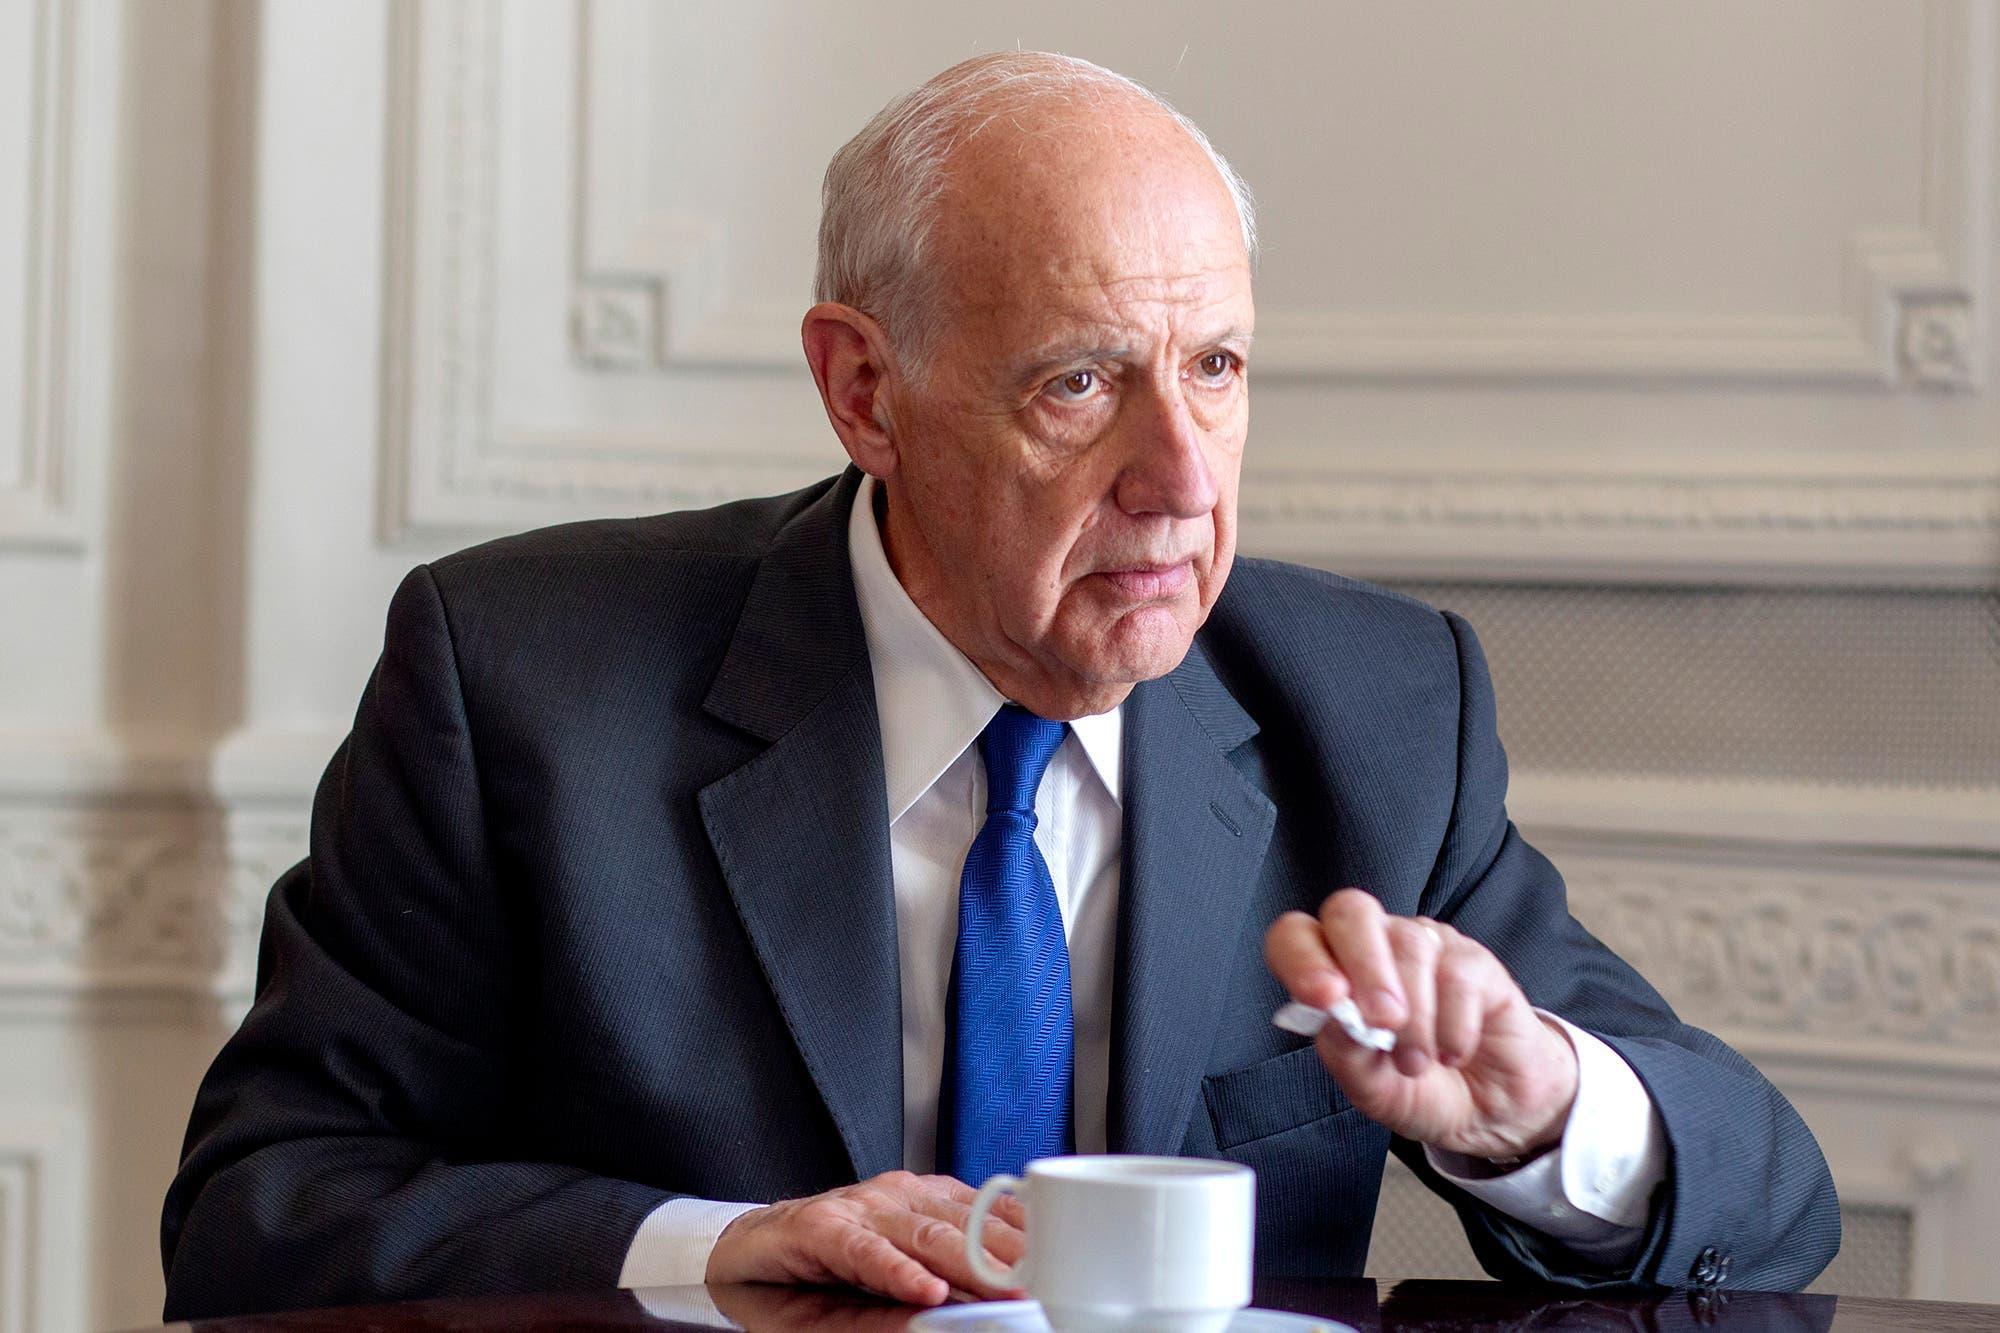 Lavagna visitó Salta y desglosó una serie de condicionamientos al FMI